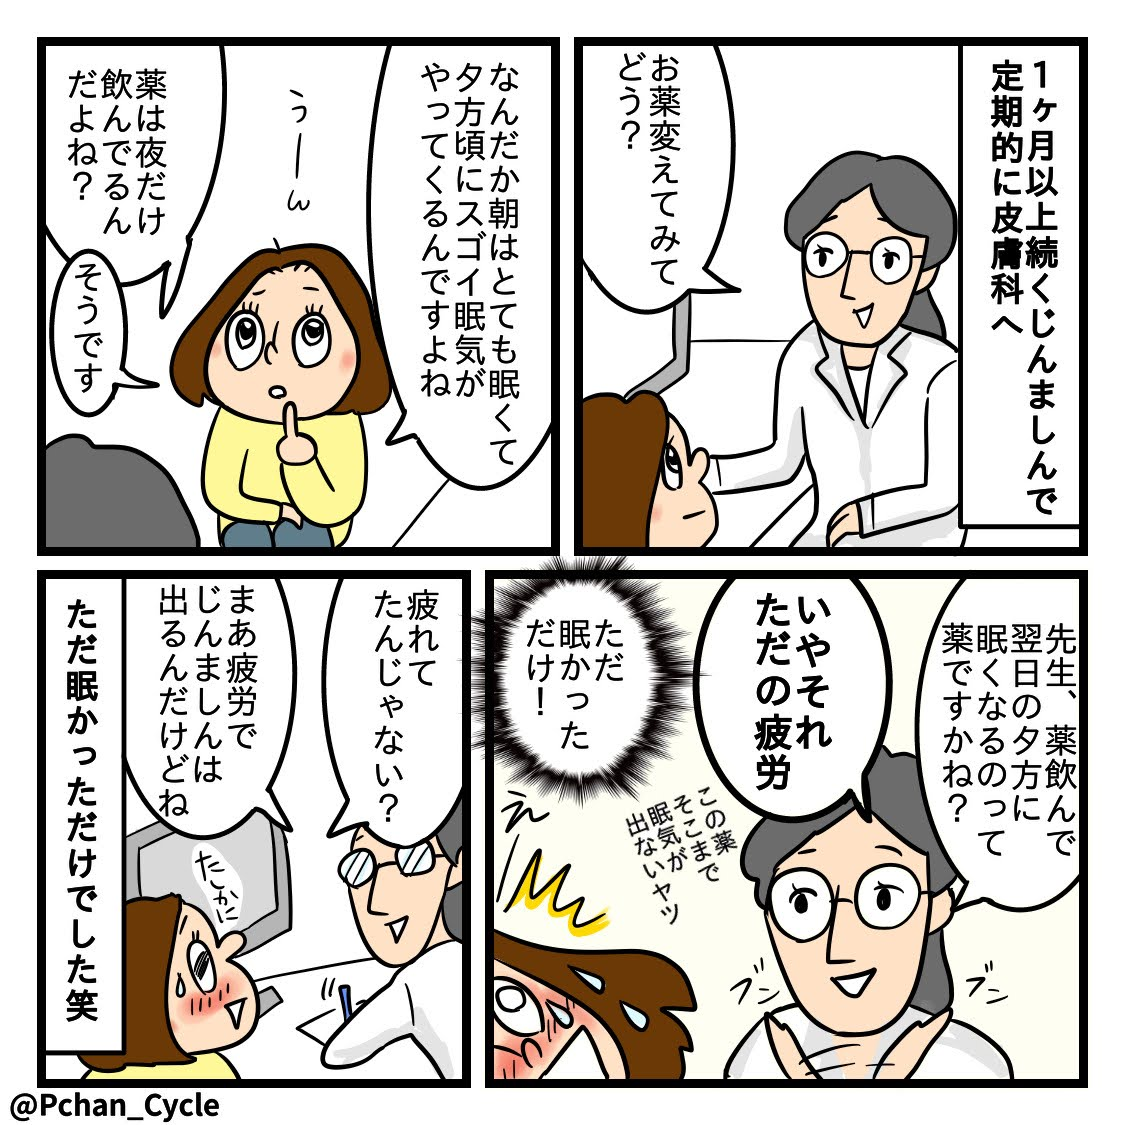 蕁麻疹のつづき〜SNSに投稿しているPちゃんの日常4コマ漫画まとめ